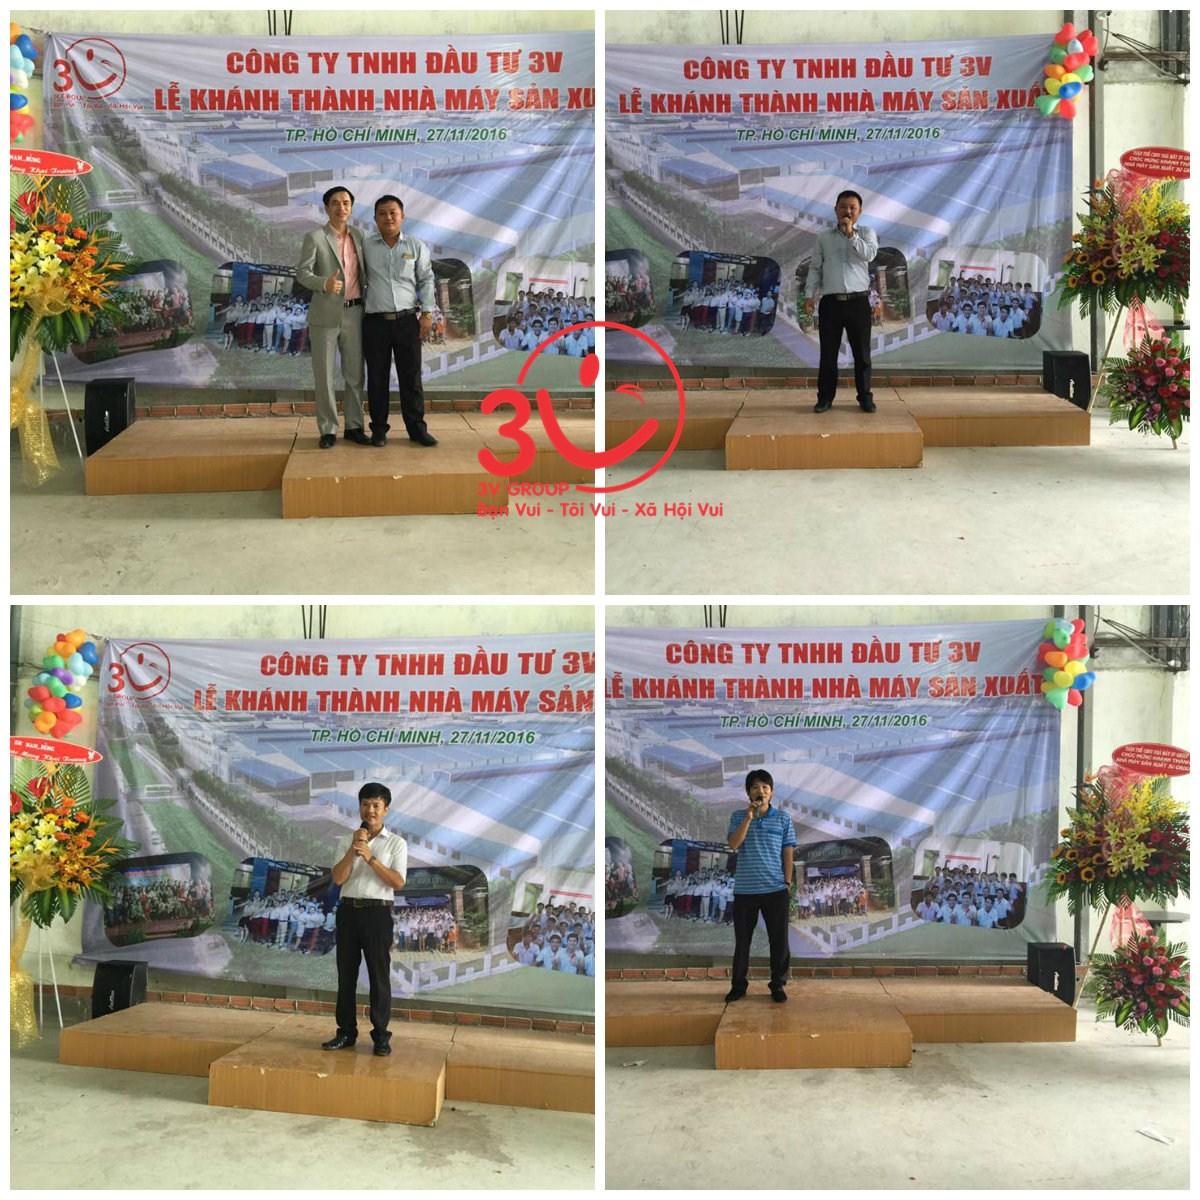 Tổng giám đốc và mọi người cùng nhau chia sẻ trong Lễ Khánh thành